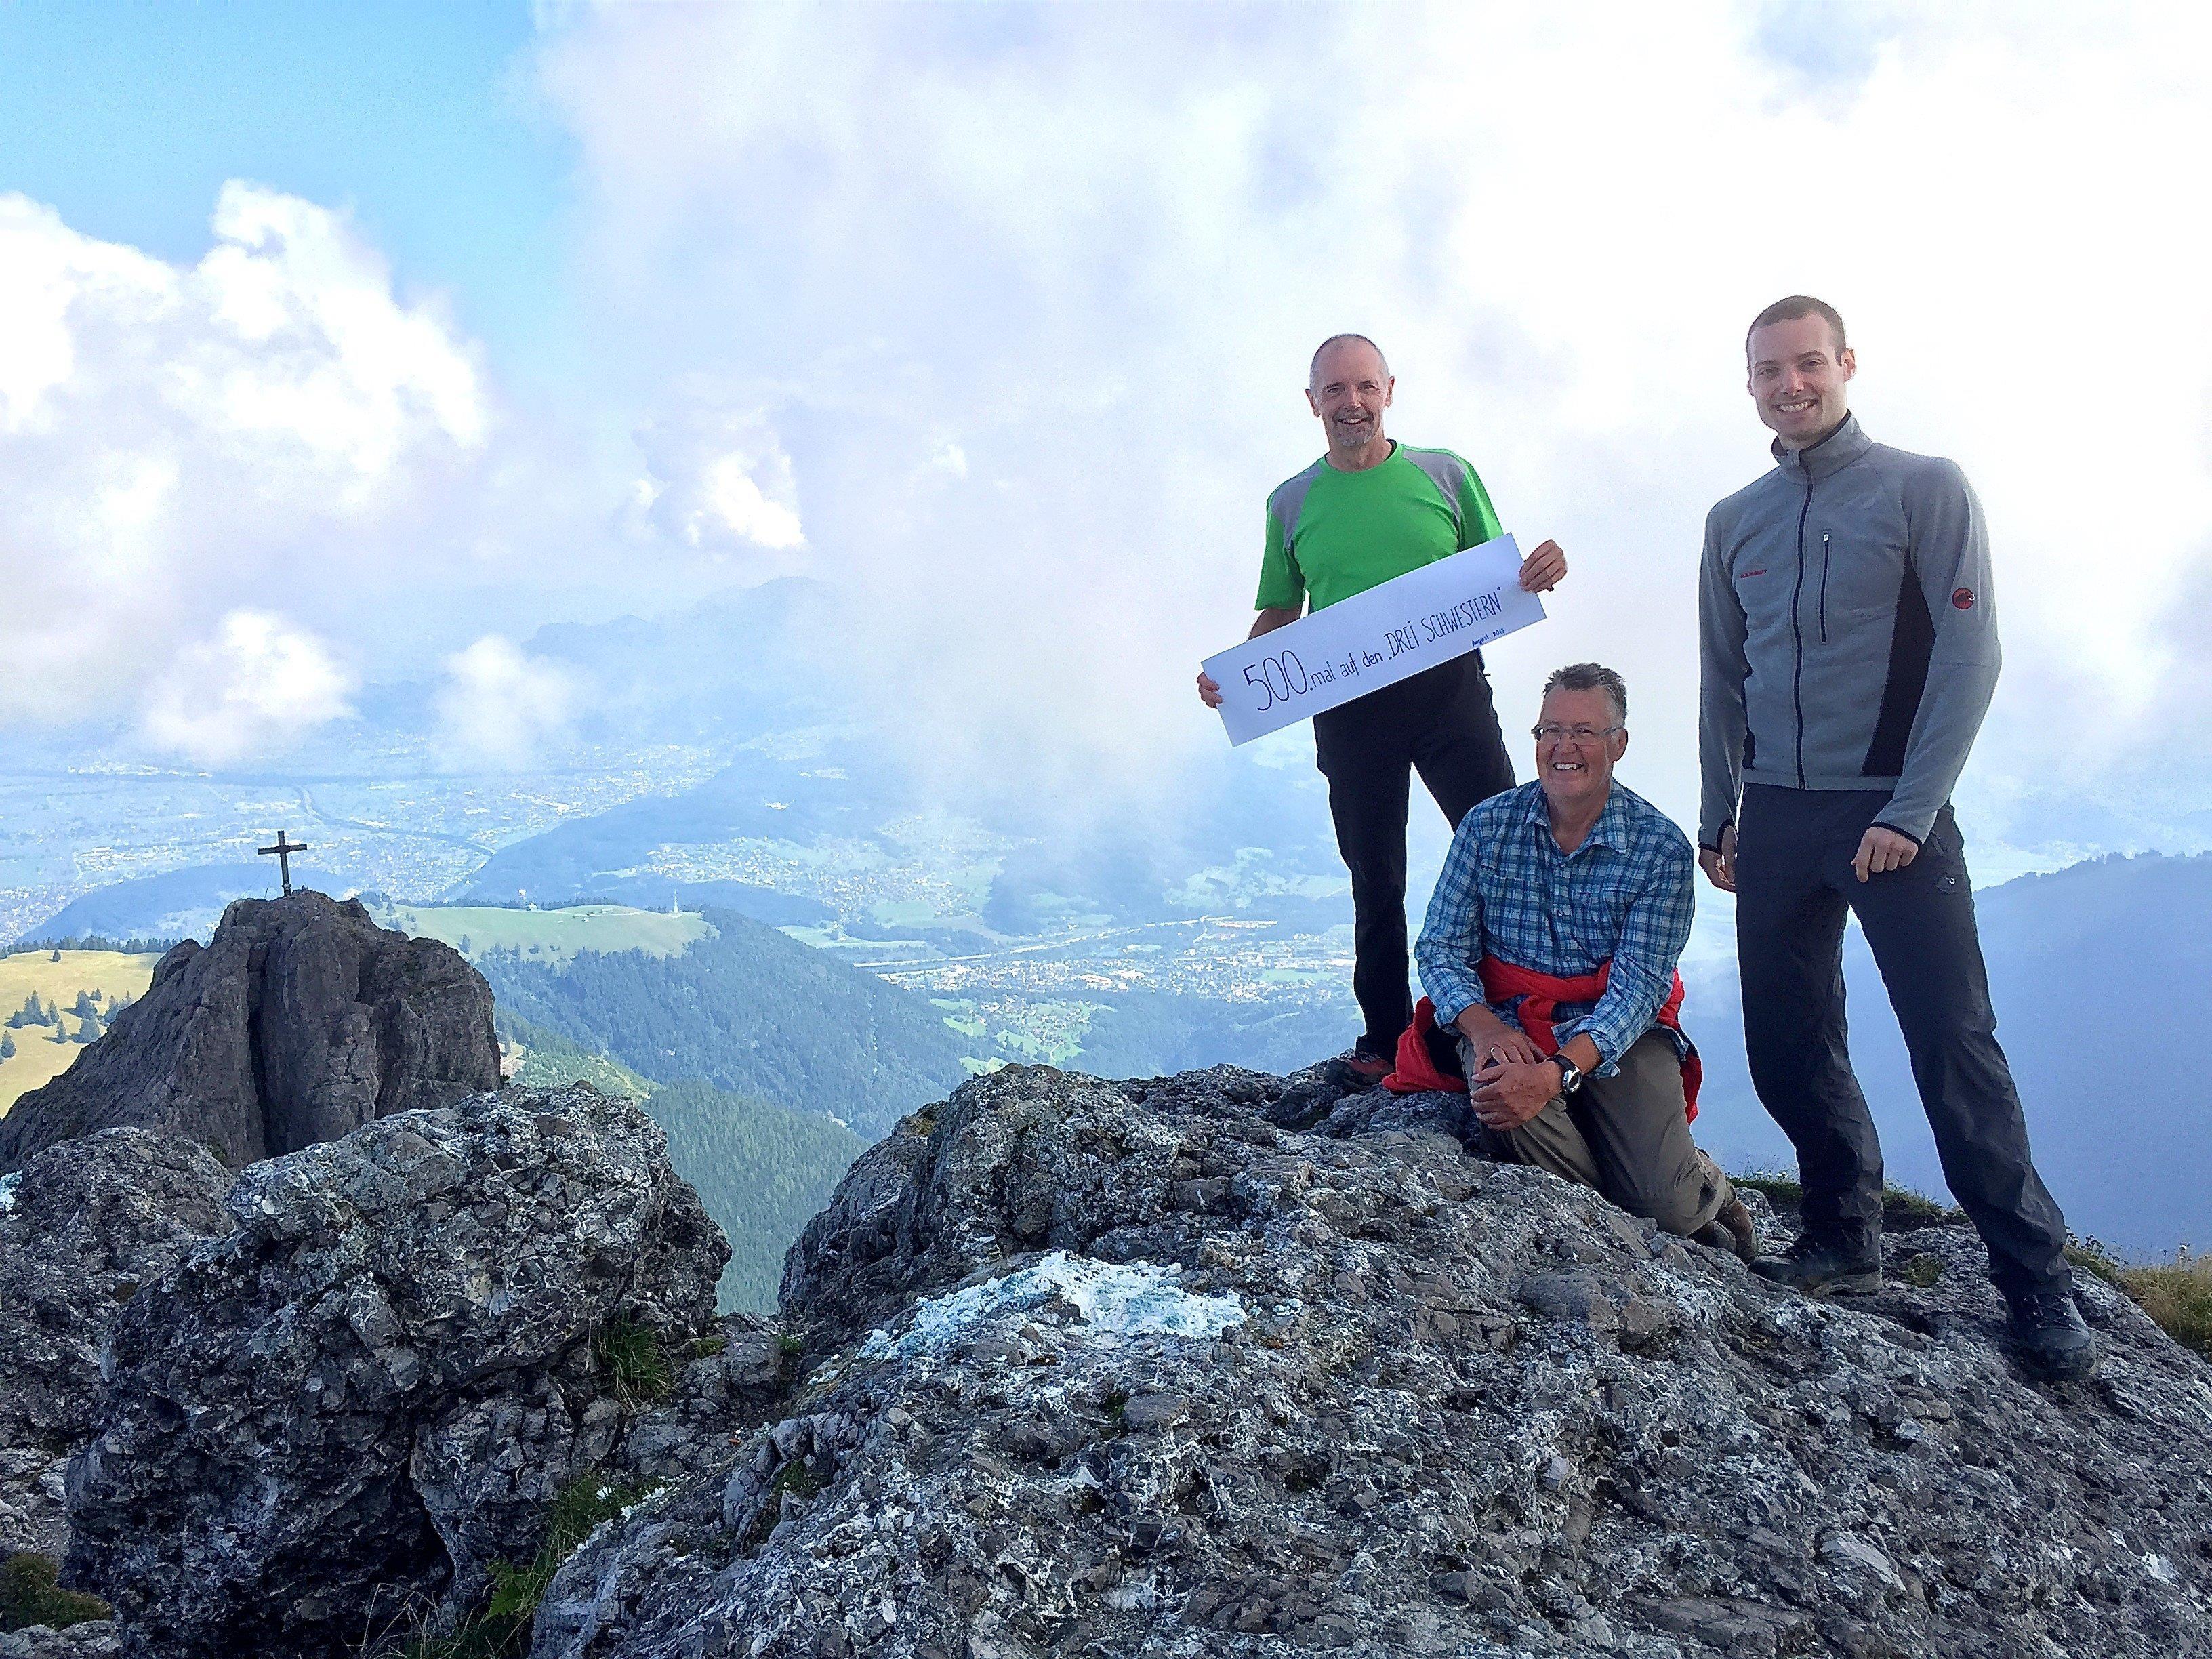 Der Fellengattner Franz Mayer (links) bestieg 2015 unglaubliche 500 Mal seinen Hausberg, die Drei Schwestern.